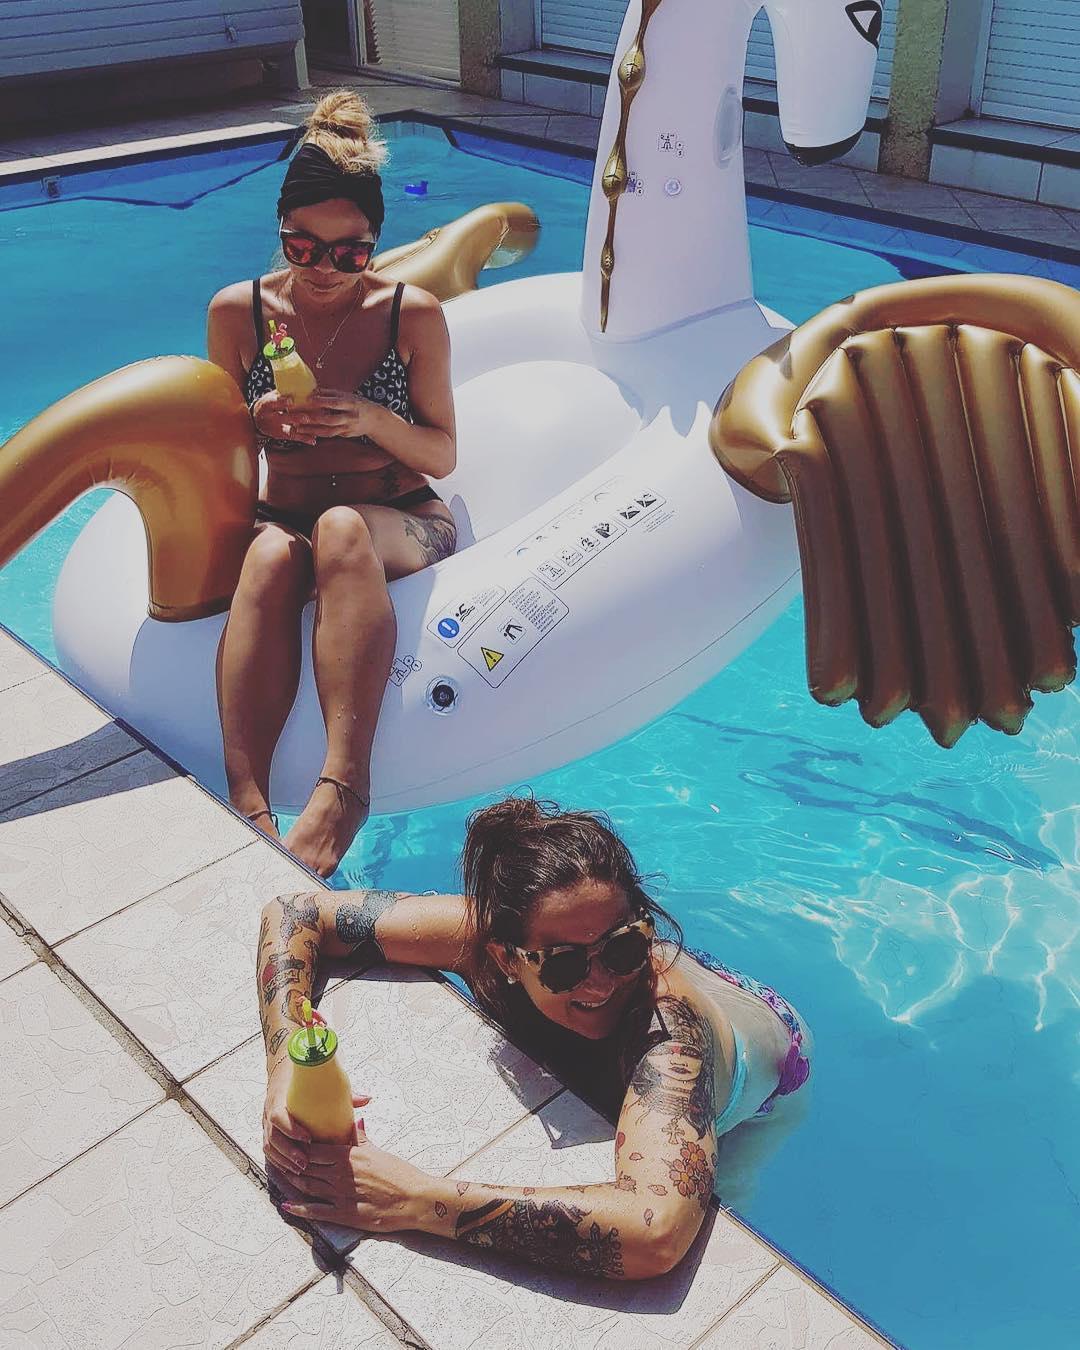 Poules Party ?? .  __________ #poolparty #pouleparty #swimmingpool #marseillan #marseillanplage #montpellier #pintademontpellier #mojito #fetedumojito #fetedumojitomontpellier